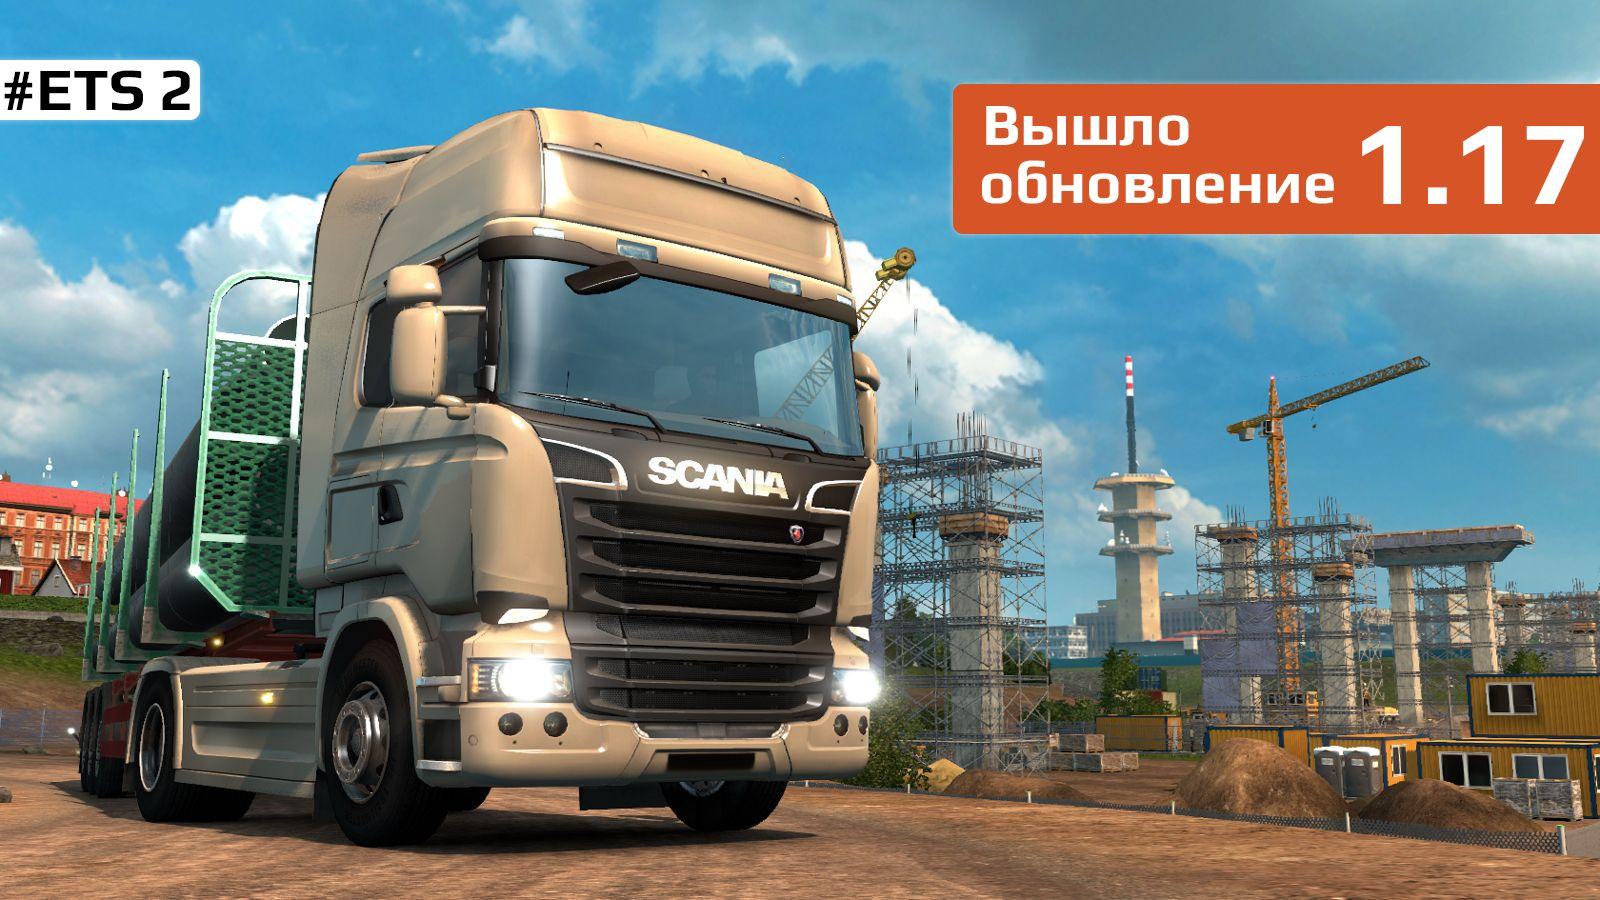 Вышло обновление 1.17 для Euro Truck Simulator 2